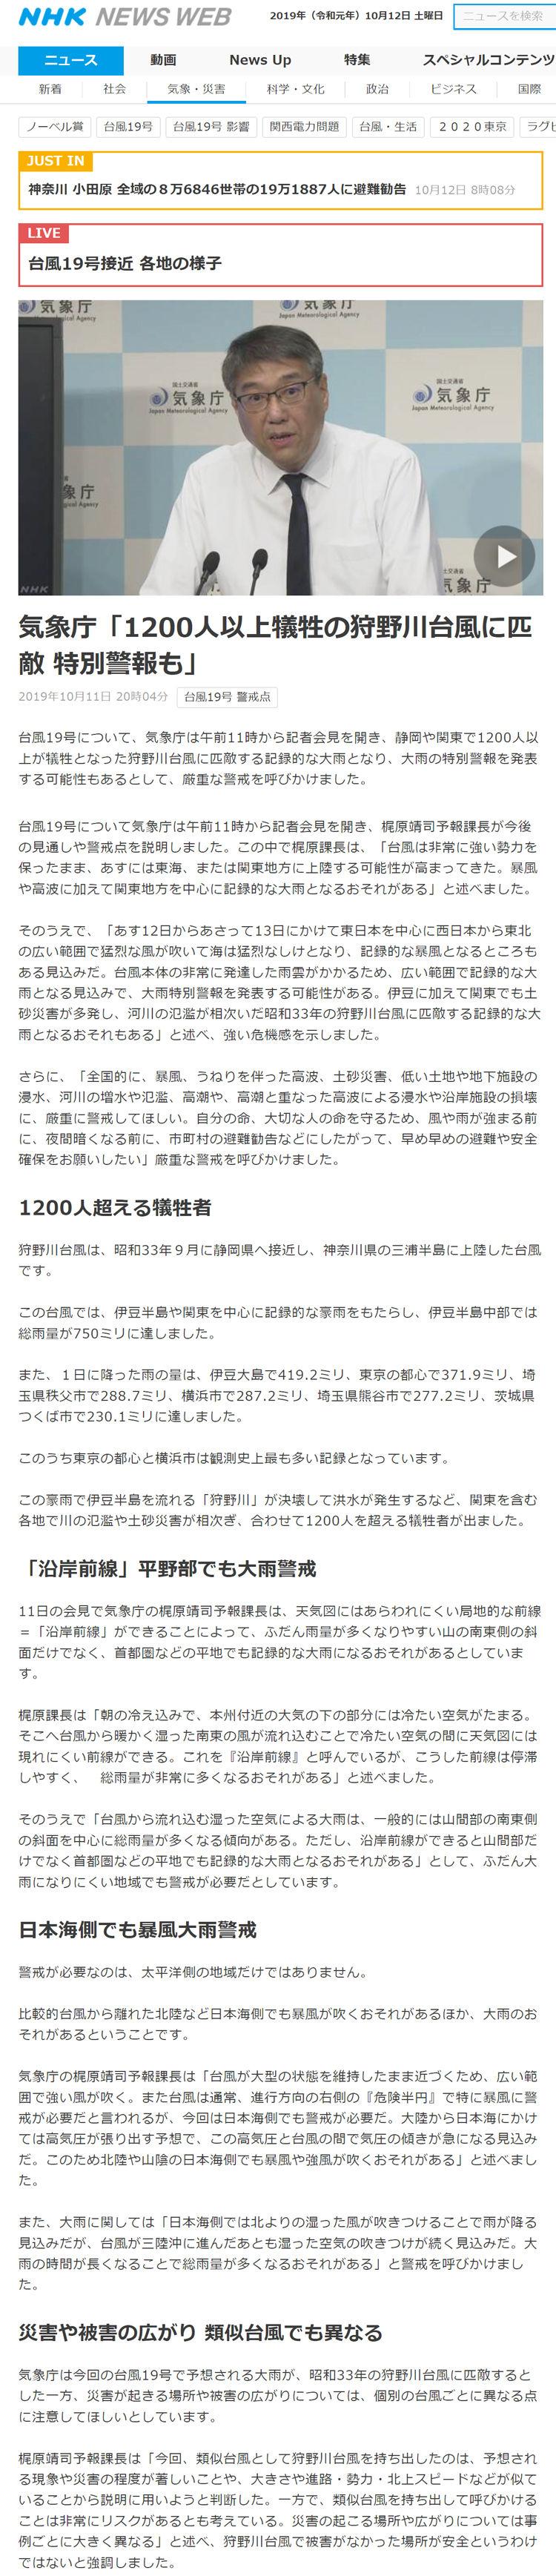 NHK 台風700